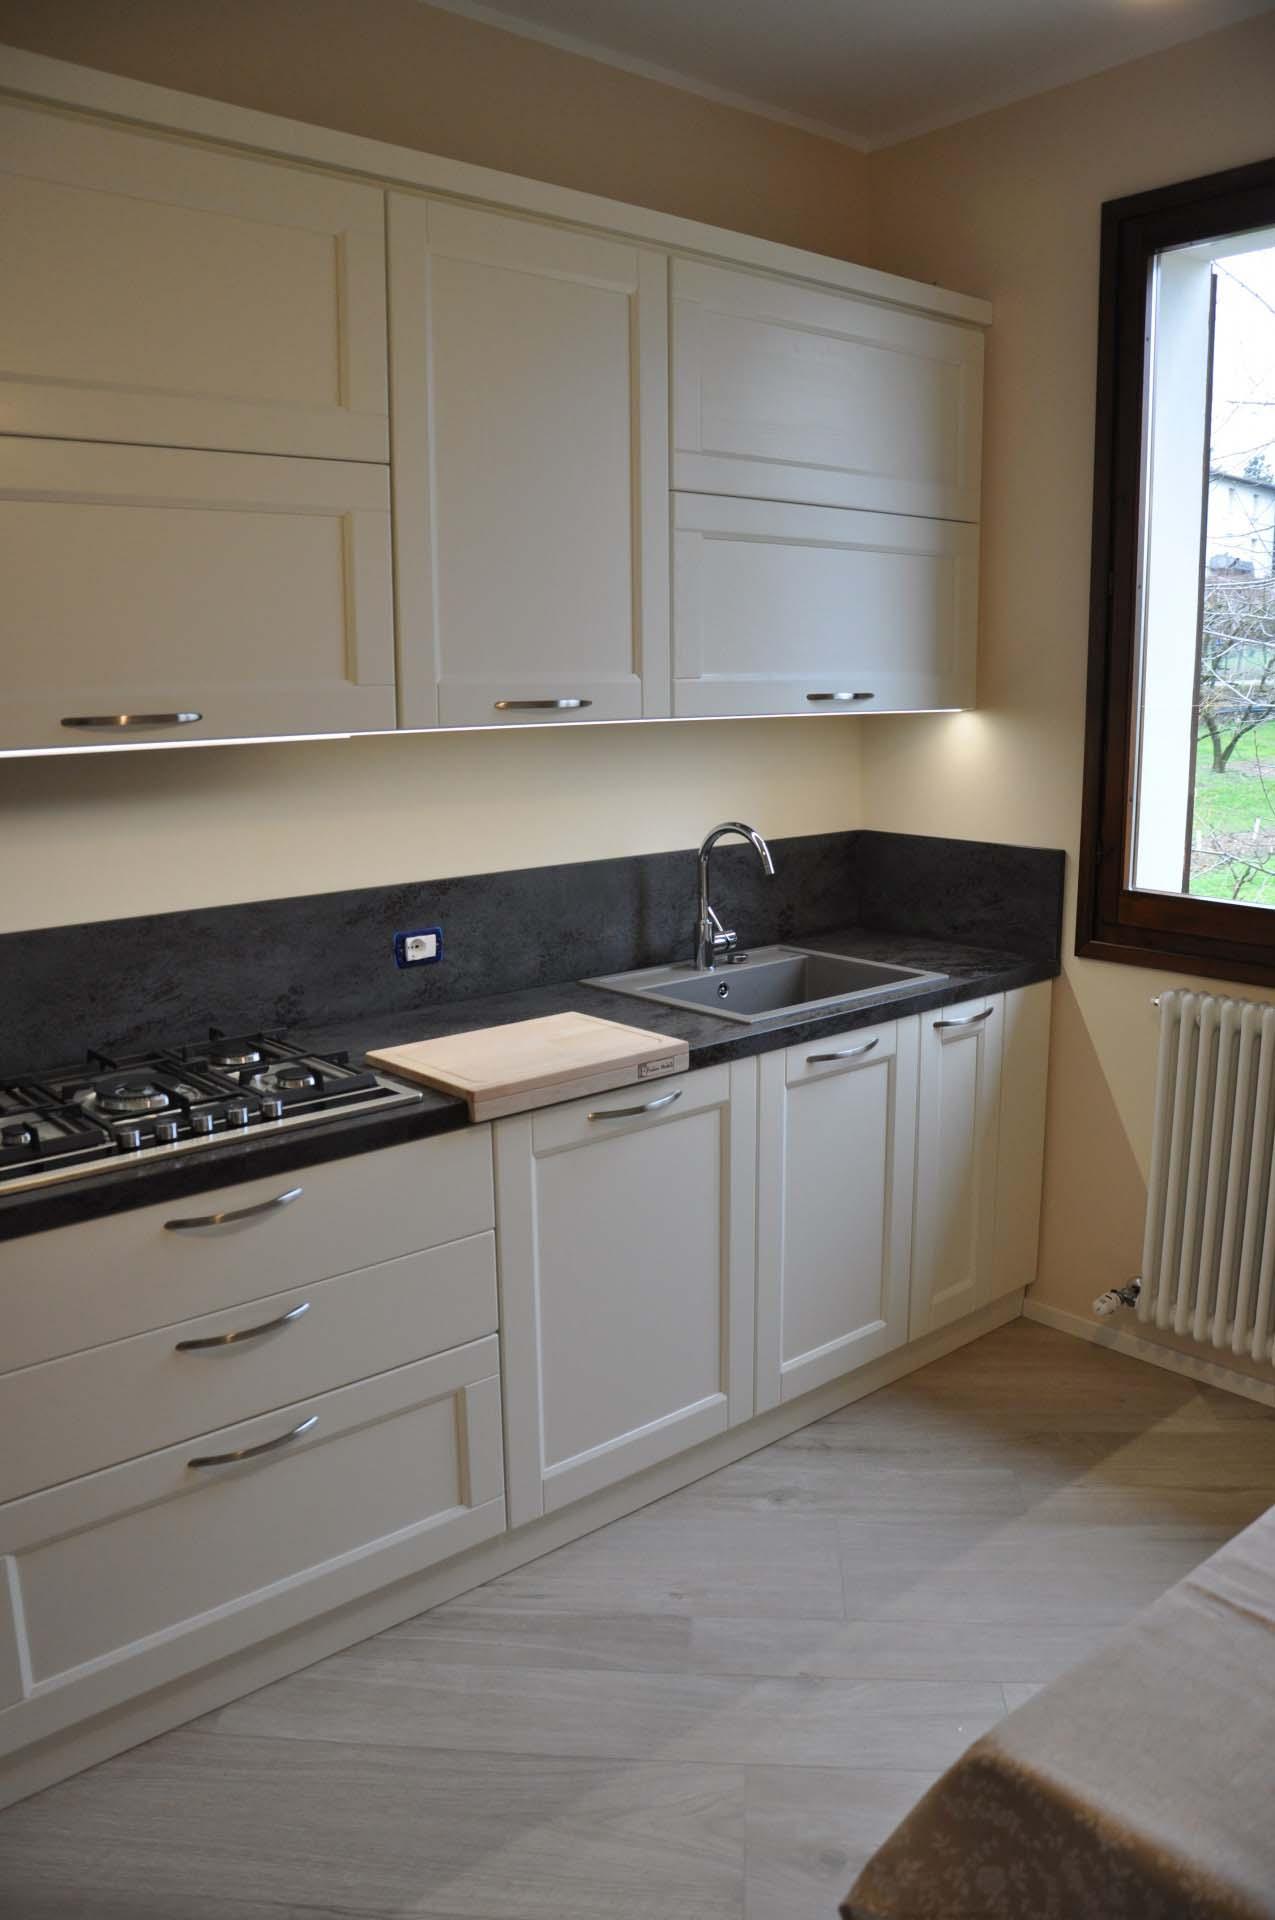 Cucine Moderne Fadini Mobili Cerea Verona #438846 1275 1920 Piano Di Lavoro Cucina Ikea Su Misura